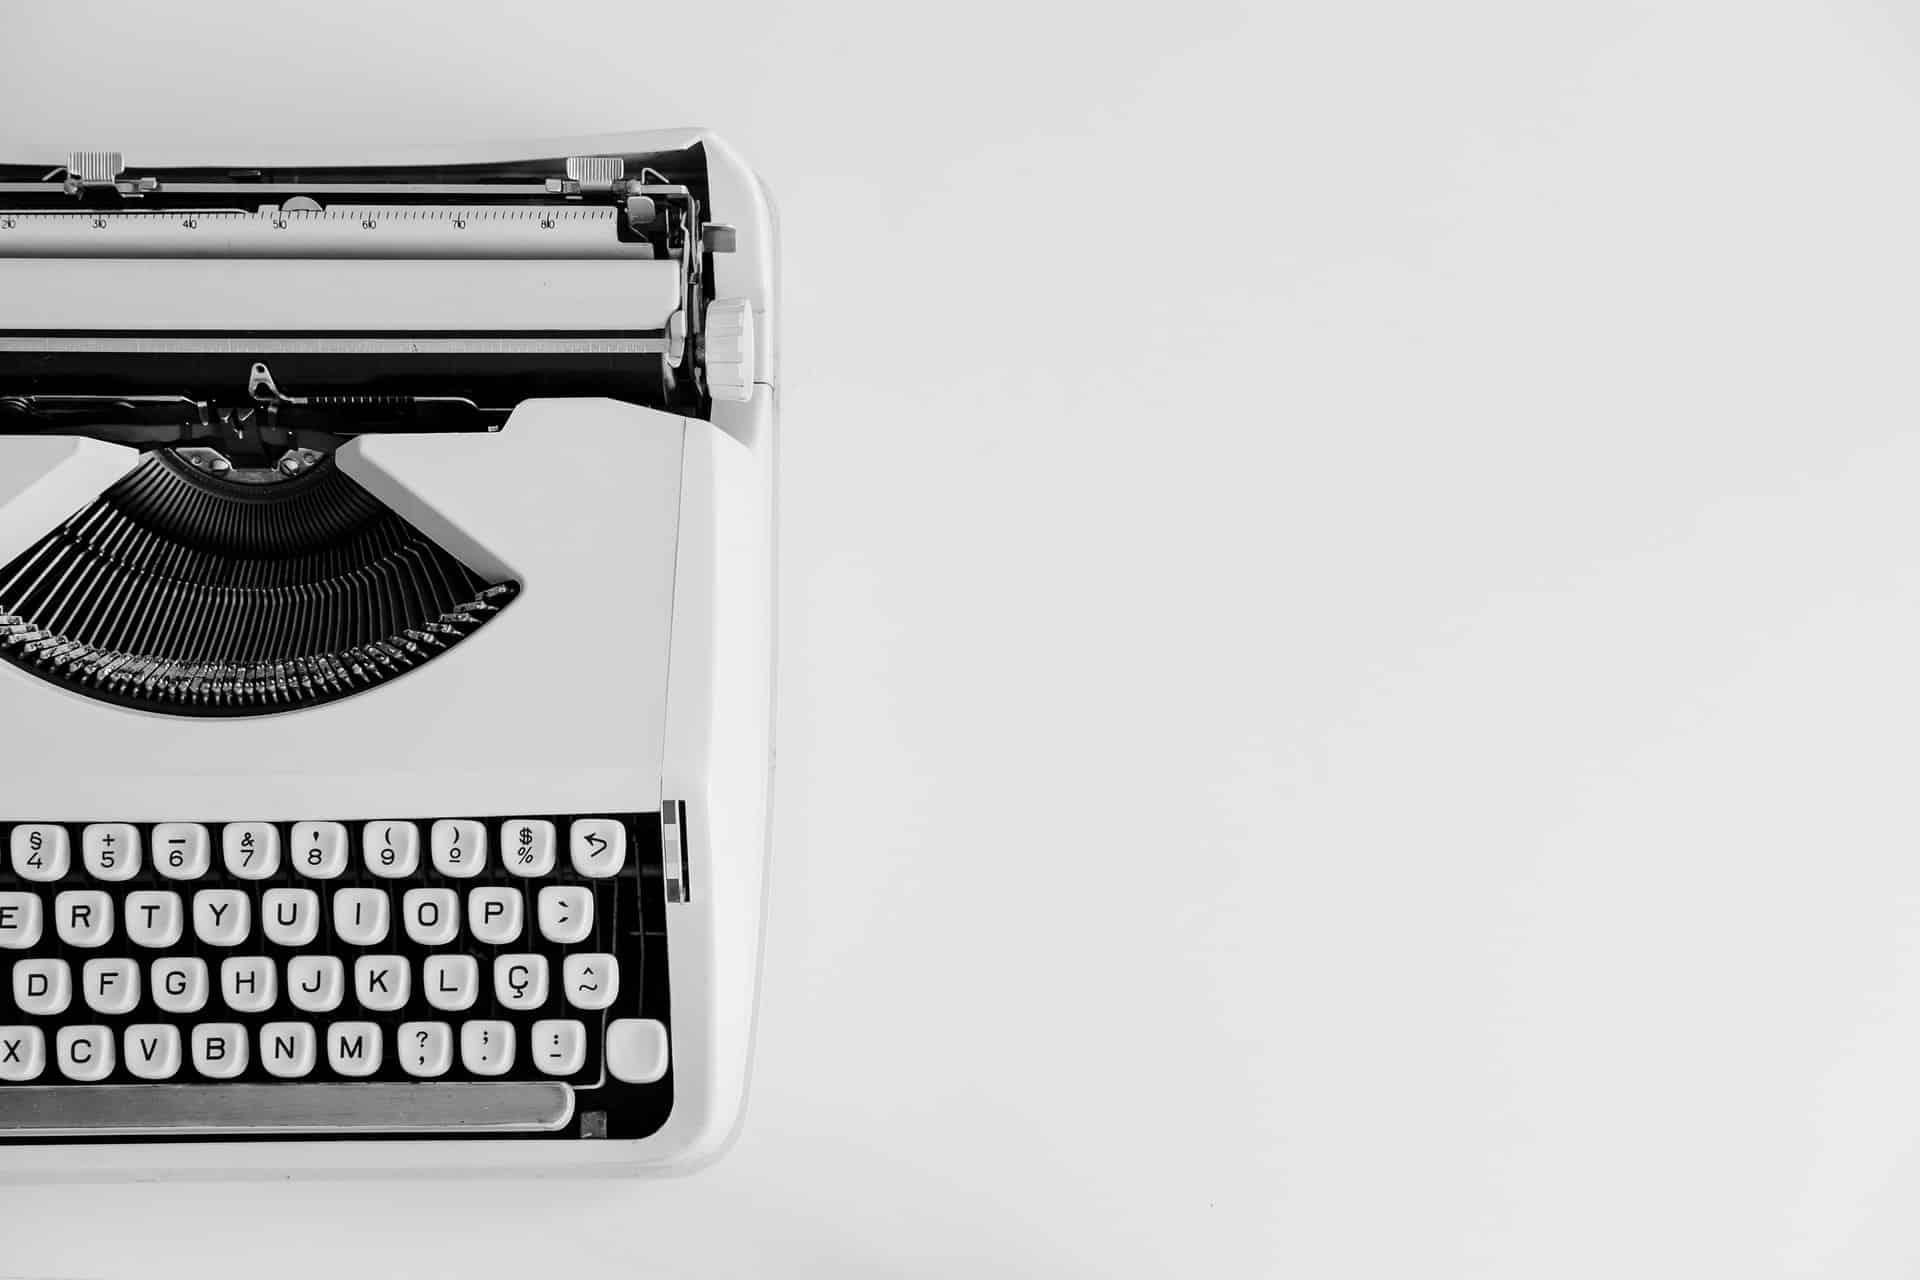 Deze blog is geschreven door Sandra van de blog Ik ben Jan Modaal. Daar blogt ze over geldzaken en persoonlijke financiën zoals (be)sparen en FIRE. Onlangs heeft ze zelf een boek uitgegeven over het verbeteren van je financiën. Speciaal Skere Student vertelt ze in dit artikel wat meer over zelf een boek uitgeven, wat er allemaal bij komt kijken, en hoe je geld kan verdienen aan het uitgeven van een boek.